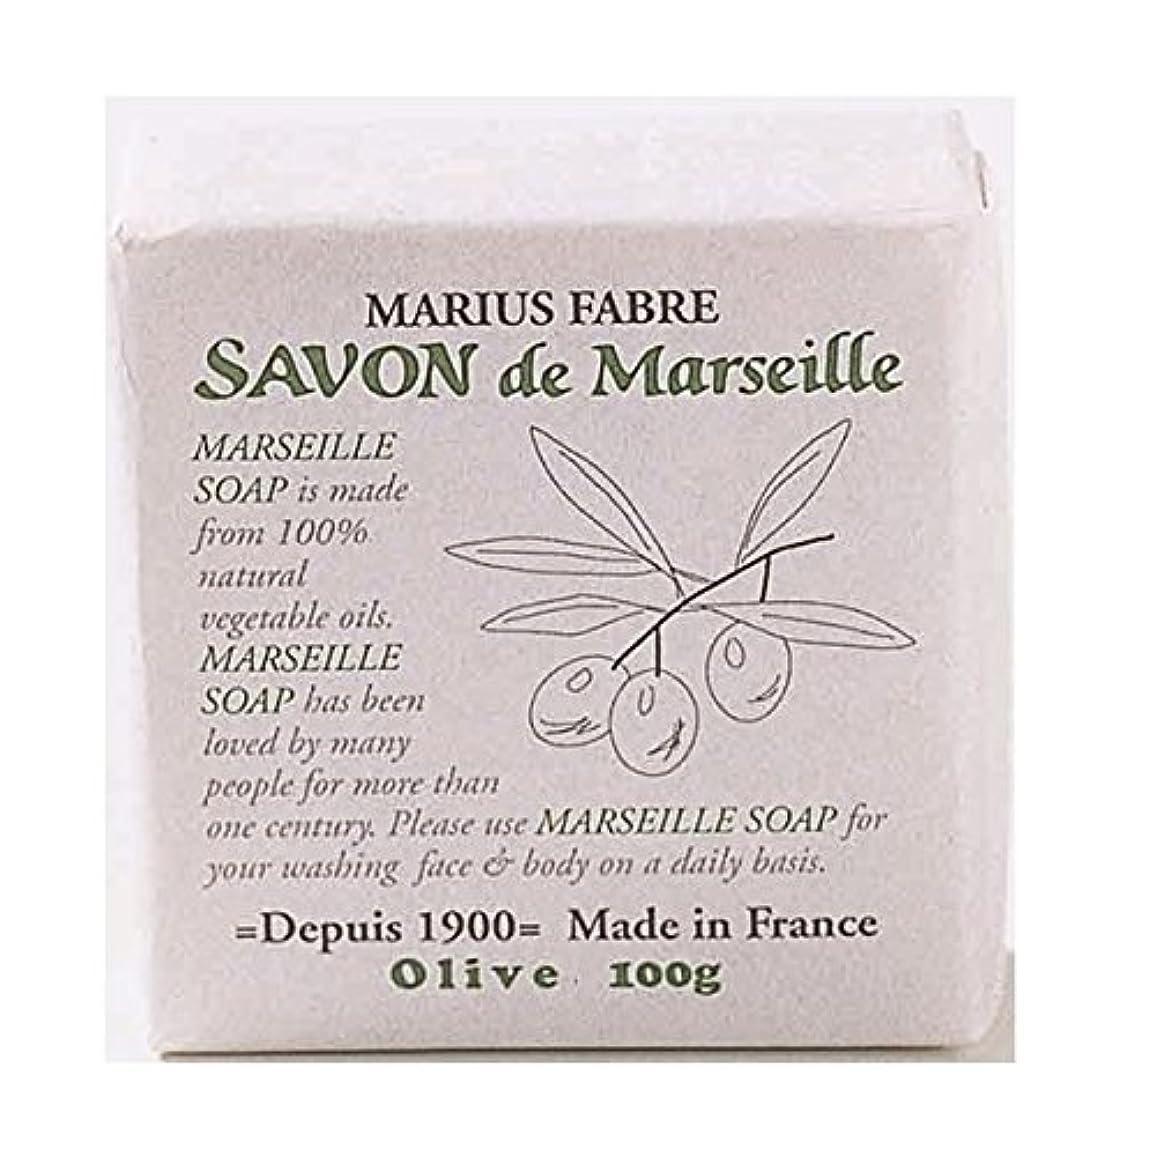 セッティング洞窟ゴシップサボンドマルセイユ 無香料 オリーブ石鹸 100g 6個セット マリウスファーブル